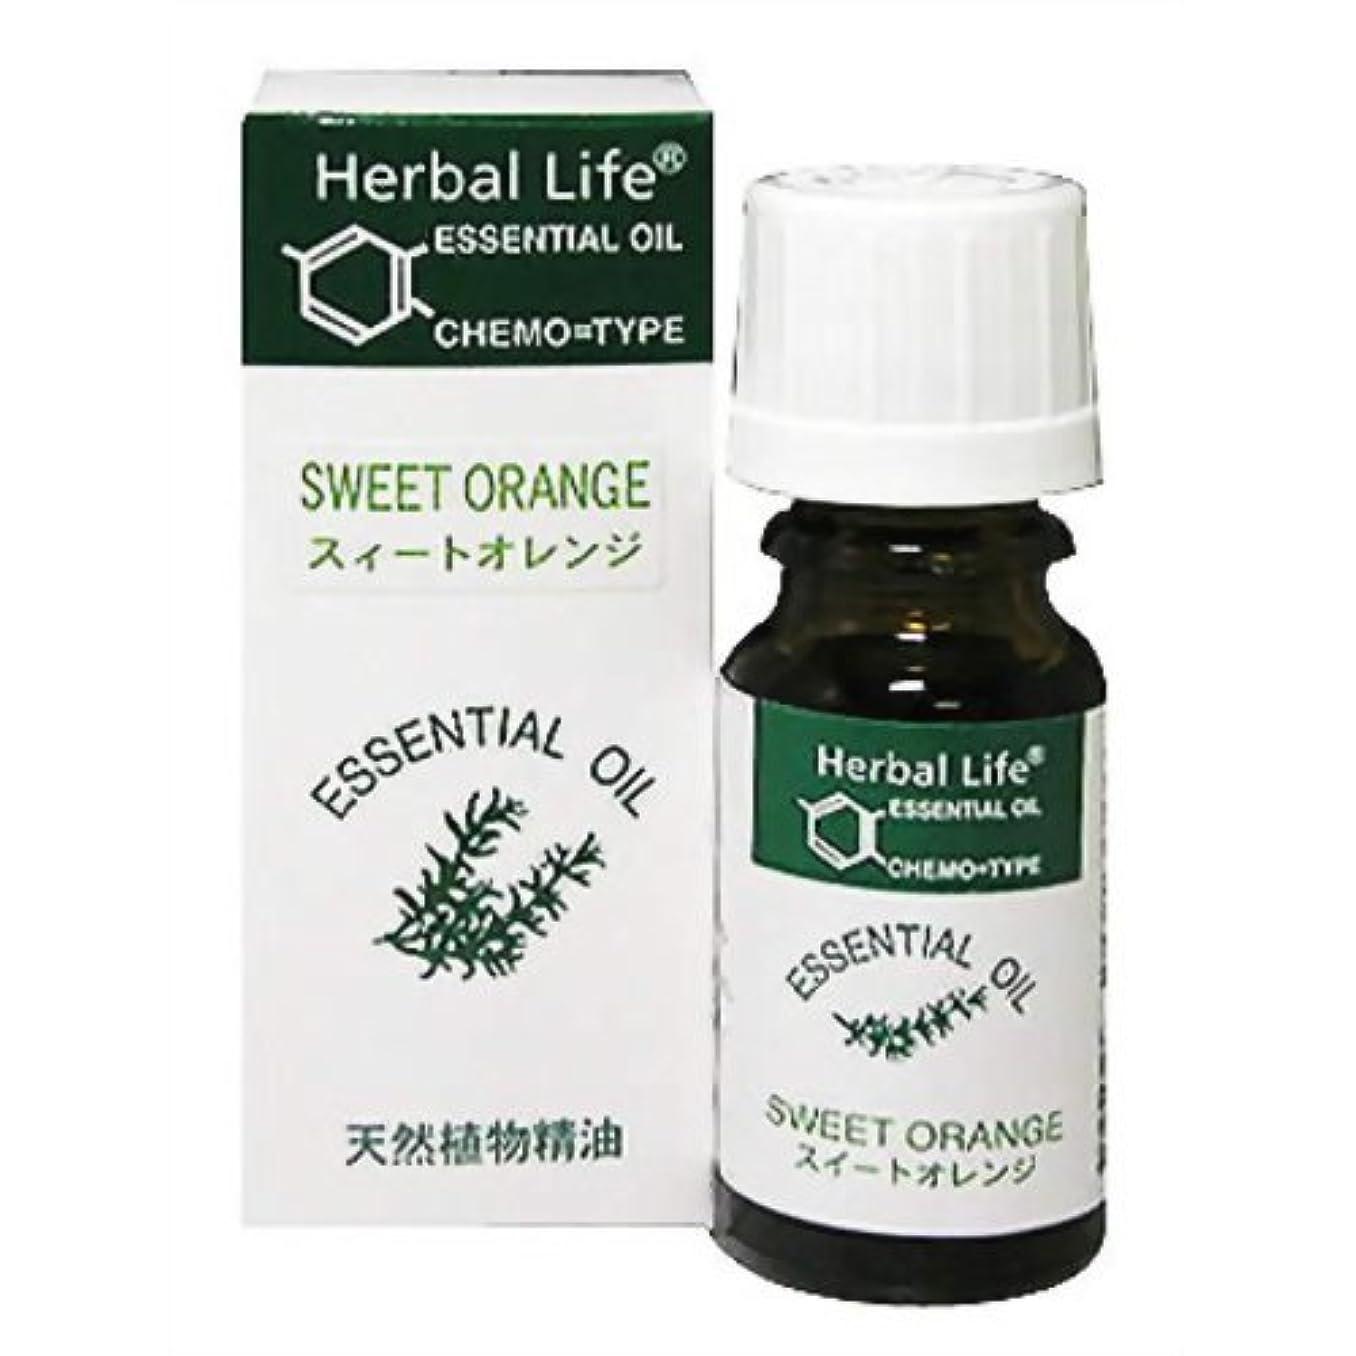 シガレット風刺チャールズキージング生活の木 Herbal Life スィートオレンジ 10ml